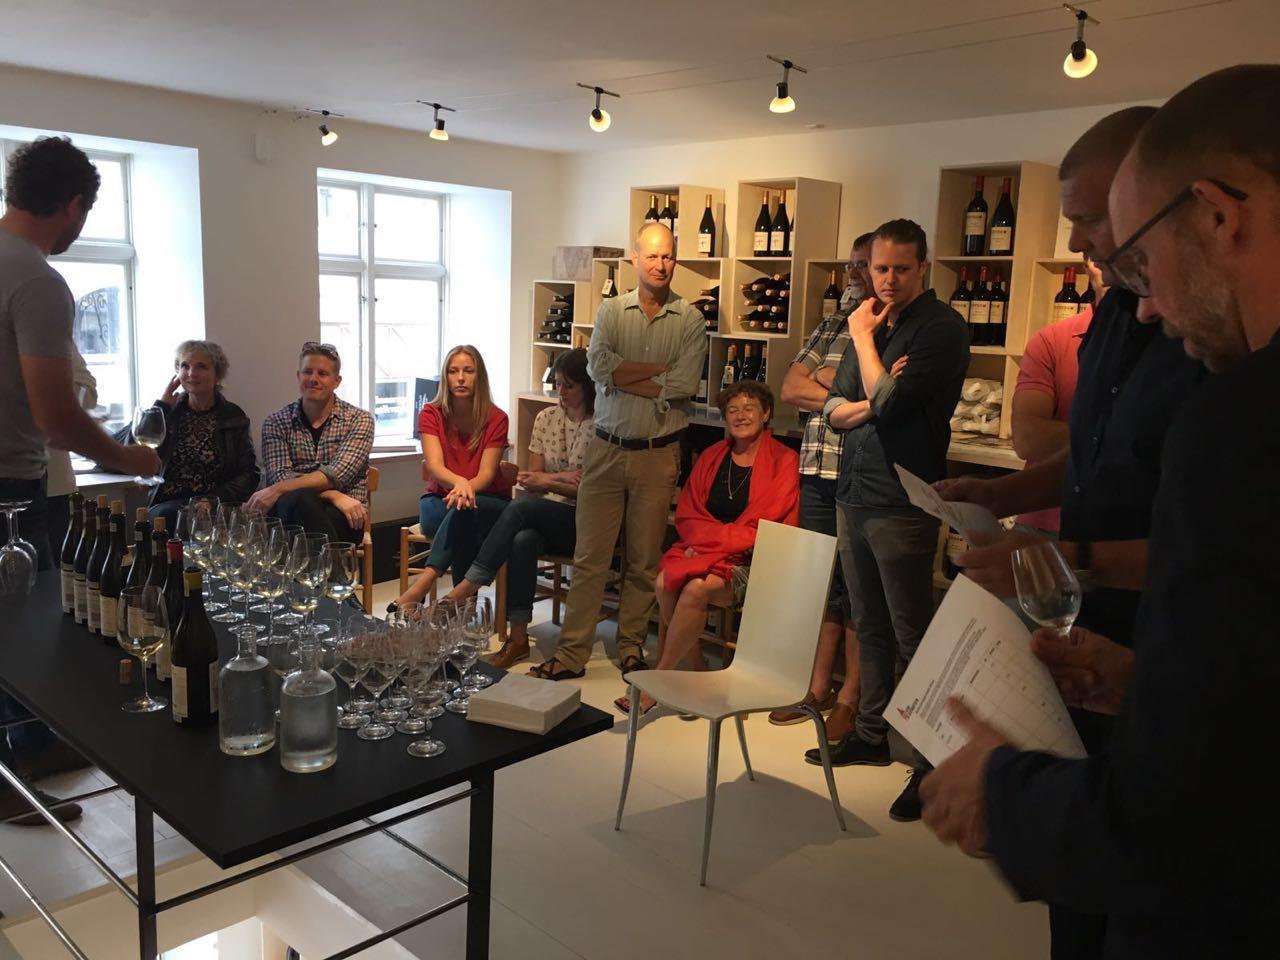 Smagning med vinkunstner David Sadie